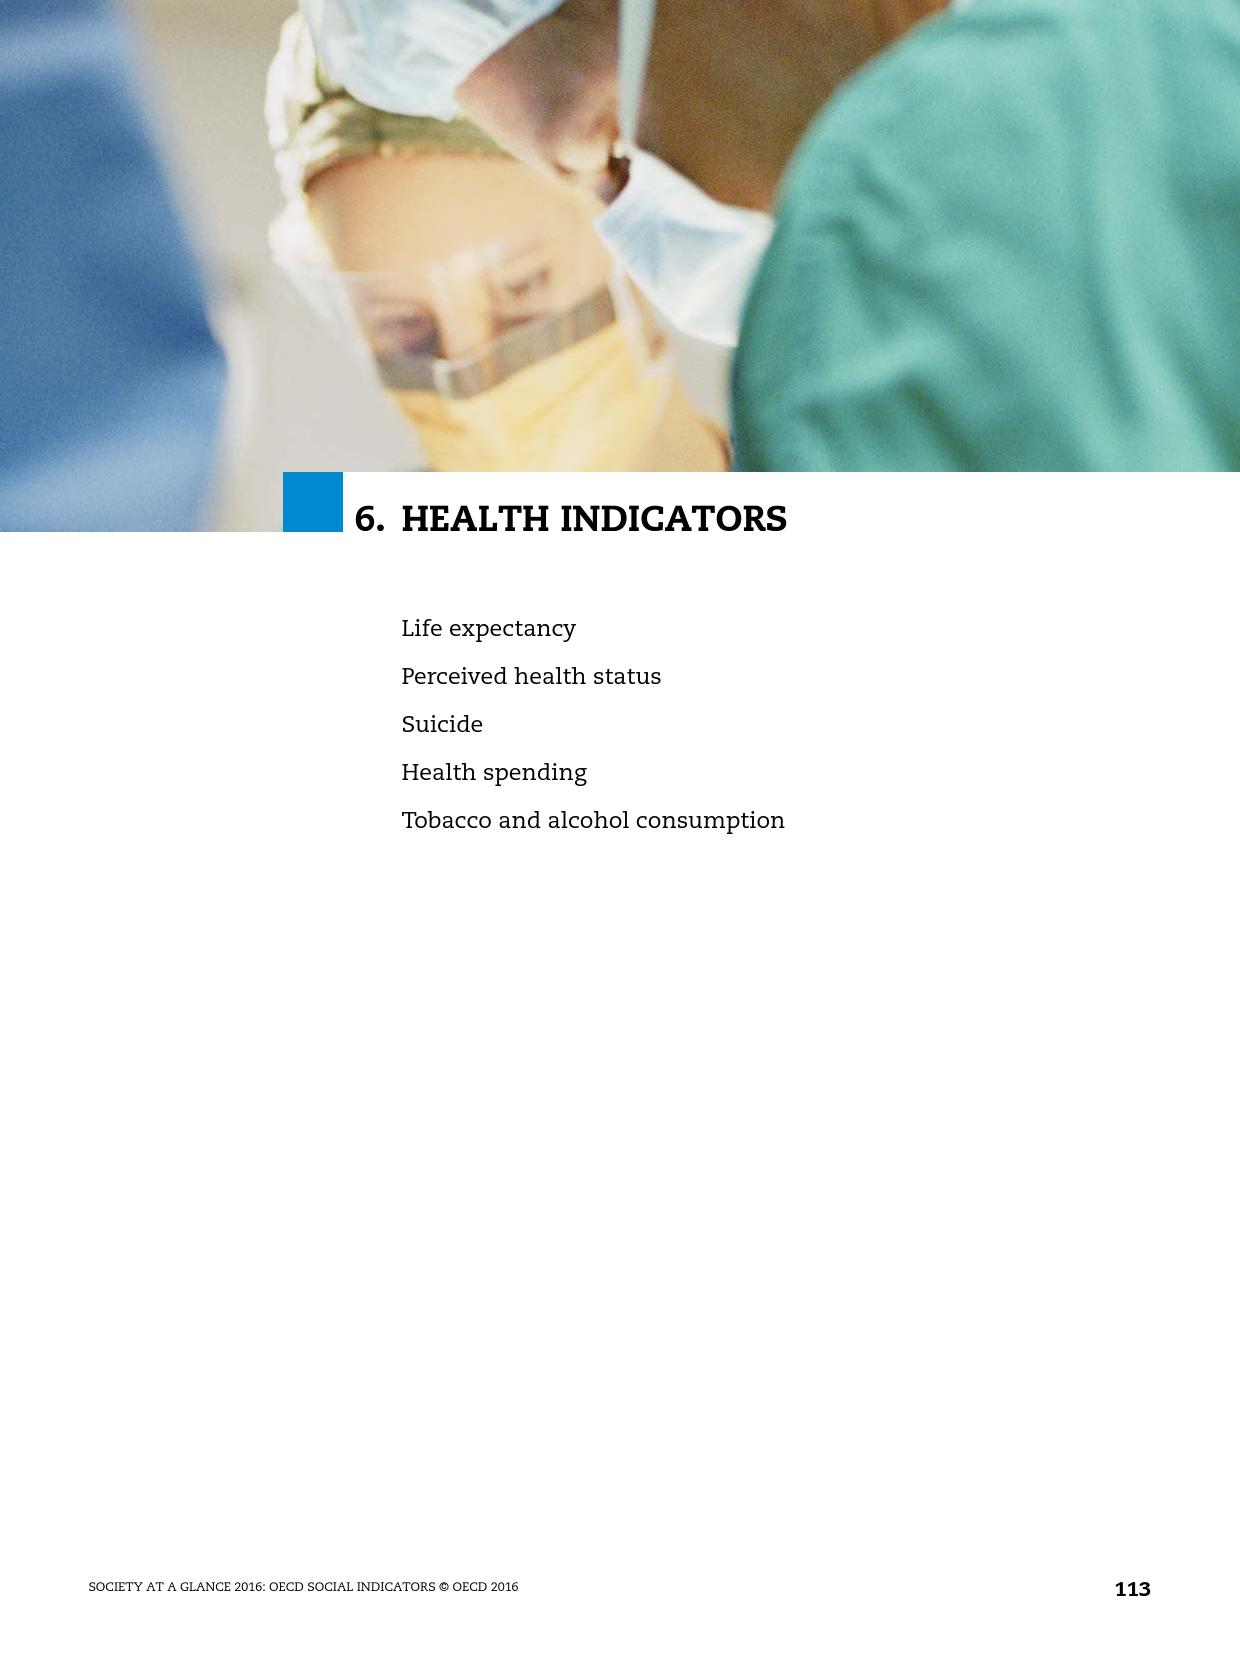 2016年OECD国家社会概览报告_000115